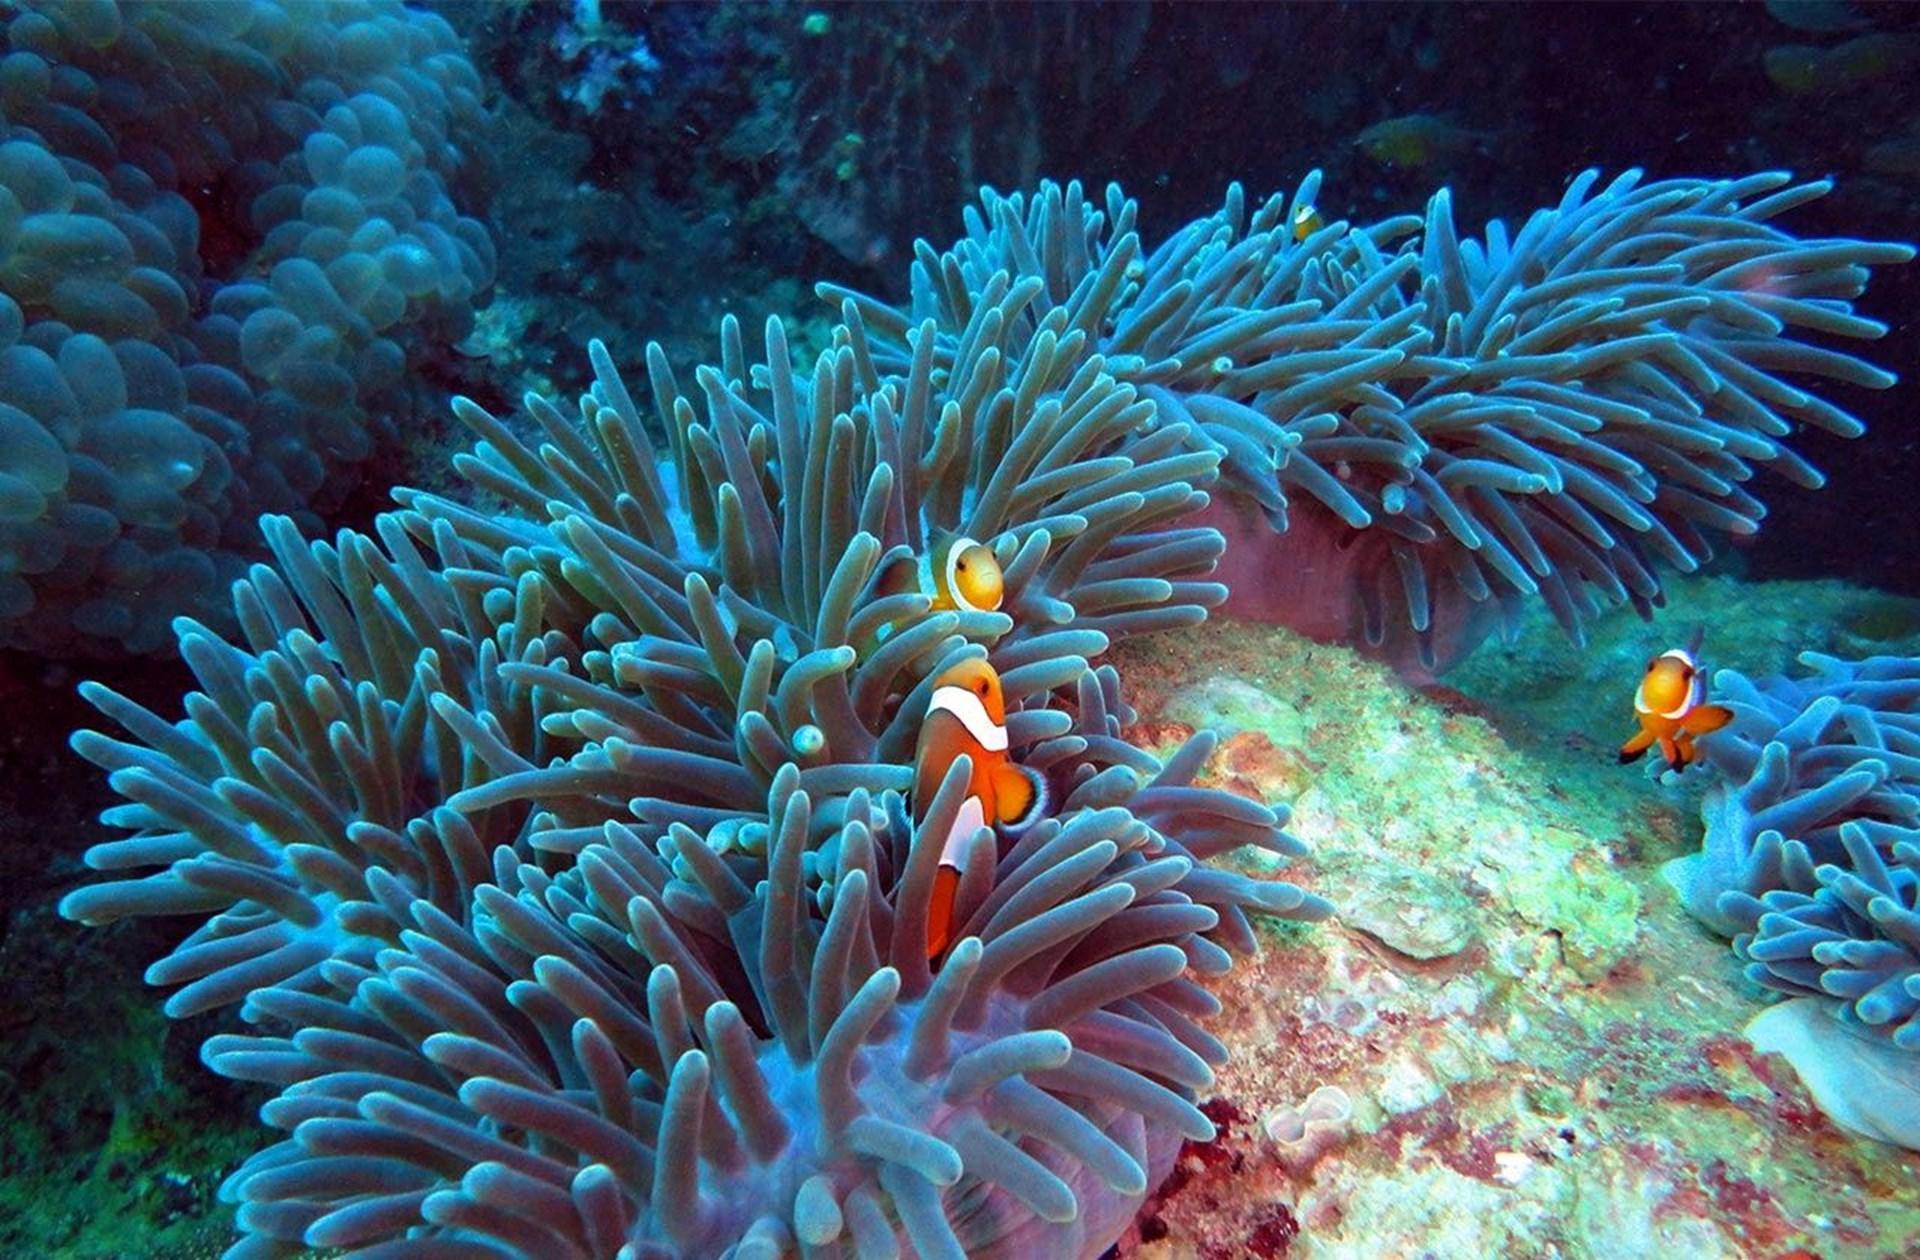 Sea Life Grapevine Aquarium In Grapevine Tarrant County United States Aquarium Guided